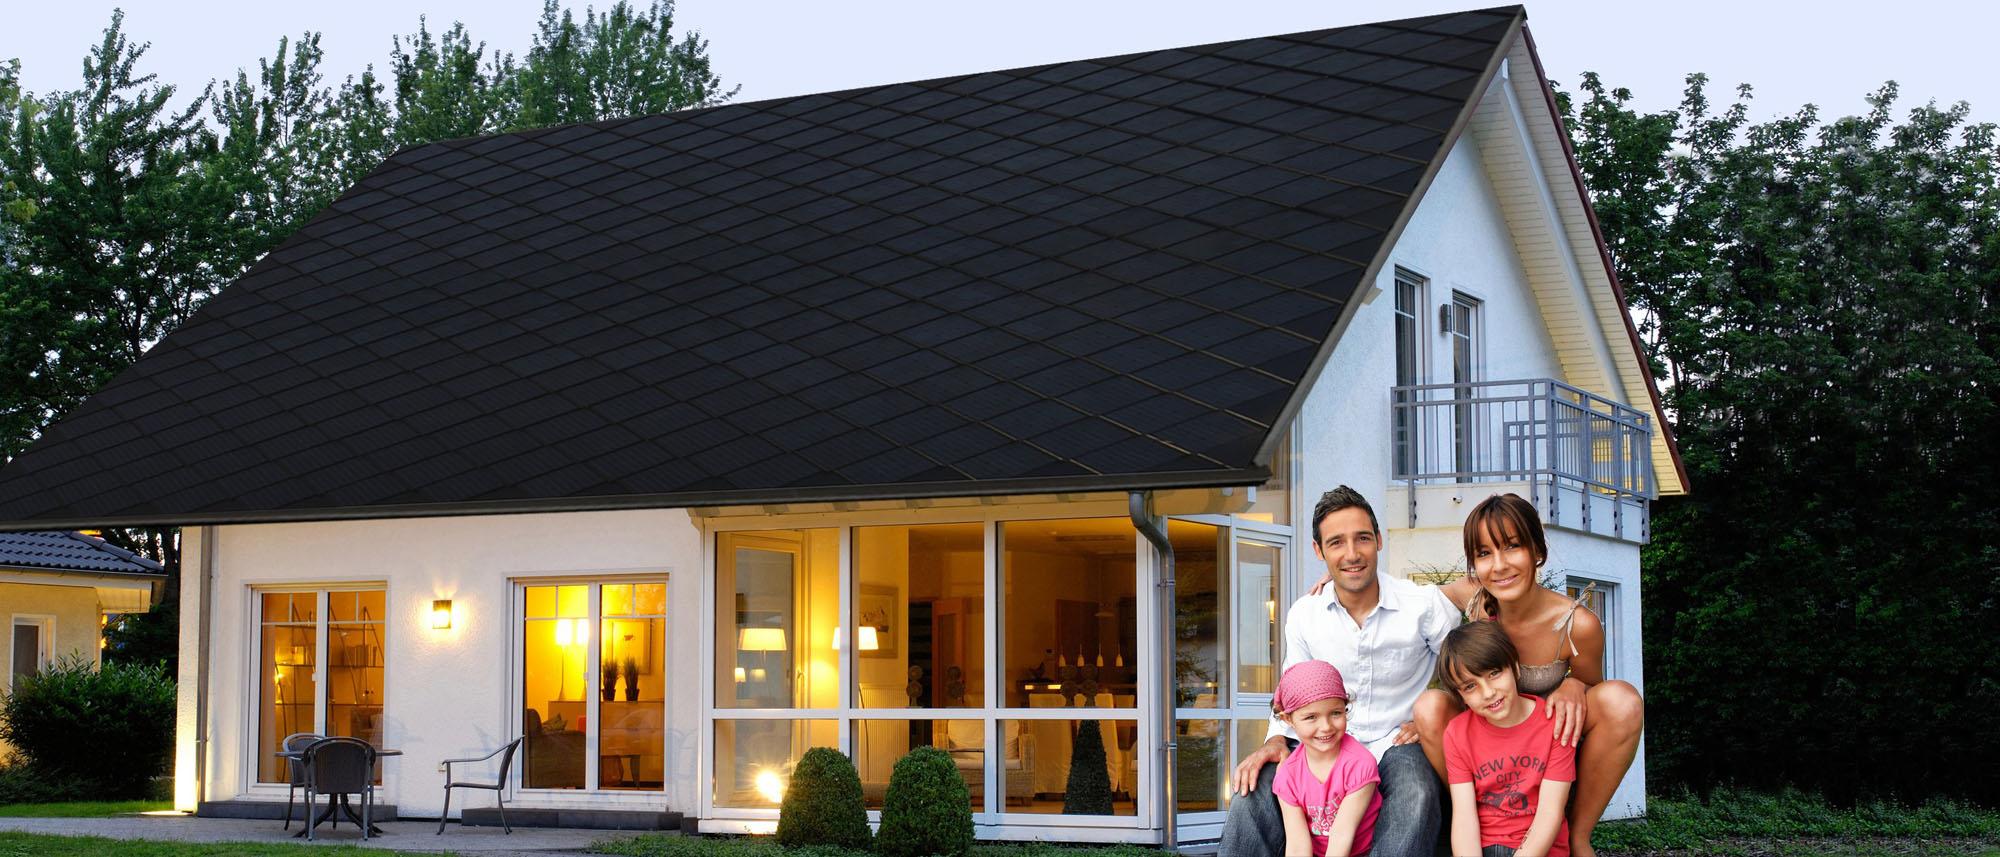 dachpfannen dachziegel mit photovoltaik solarenergie. Black Bedroom Furniture Sets. Home Design Ideas